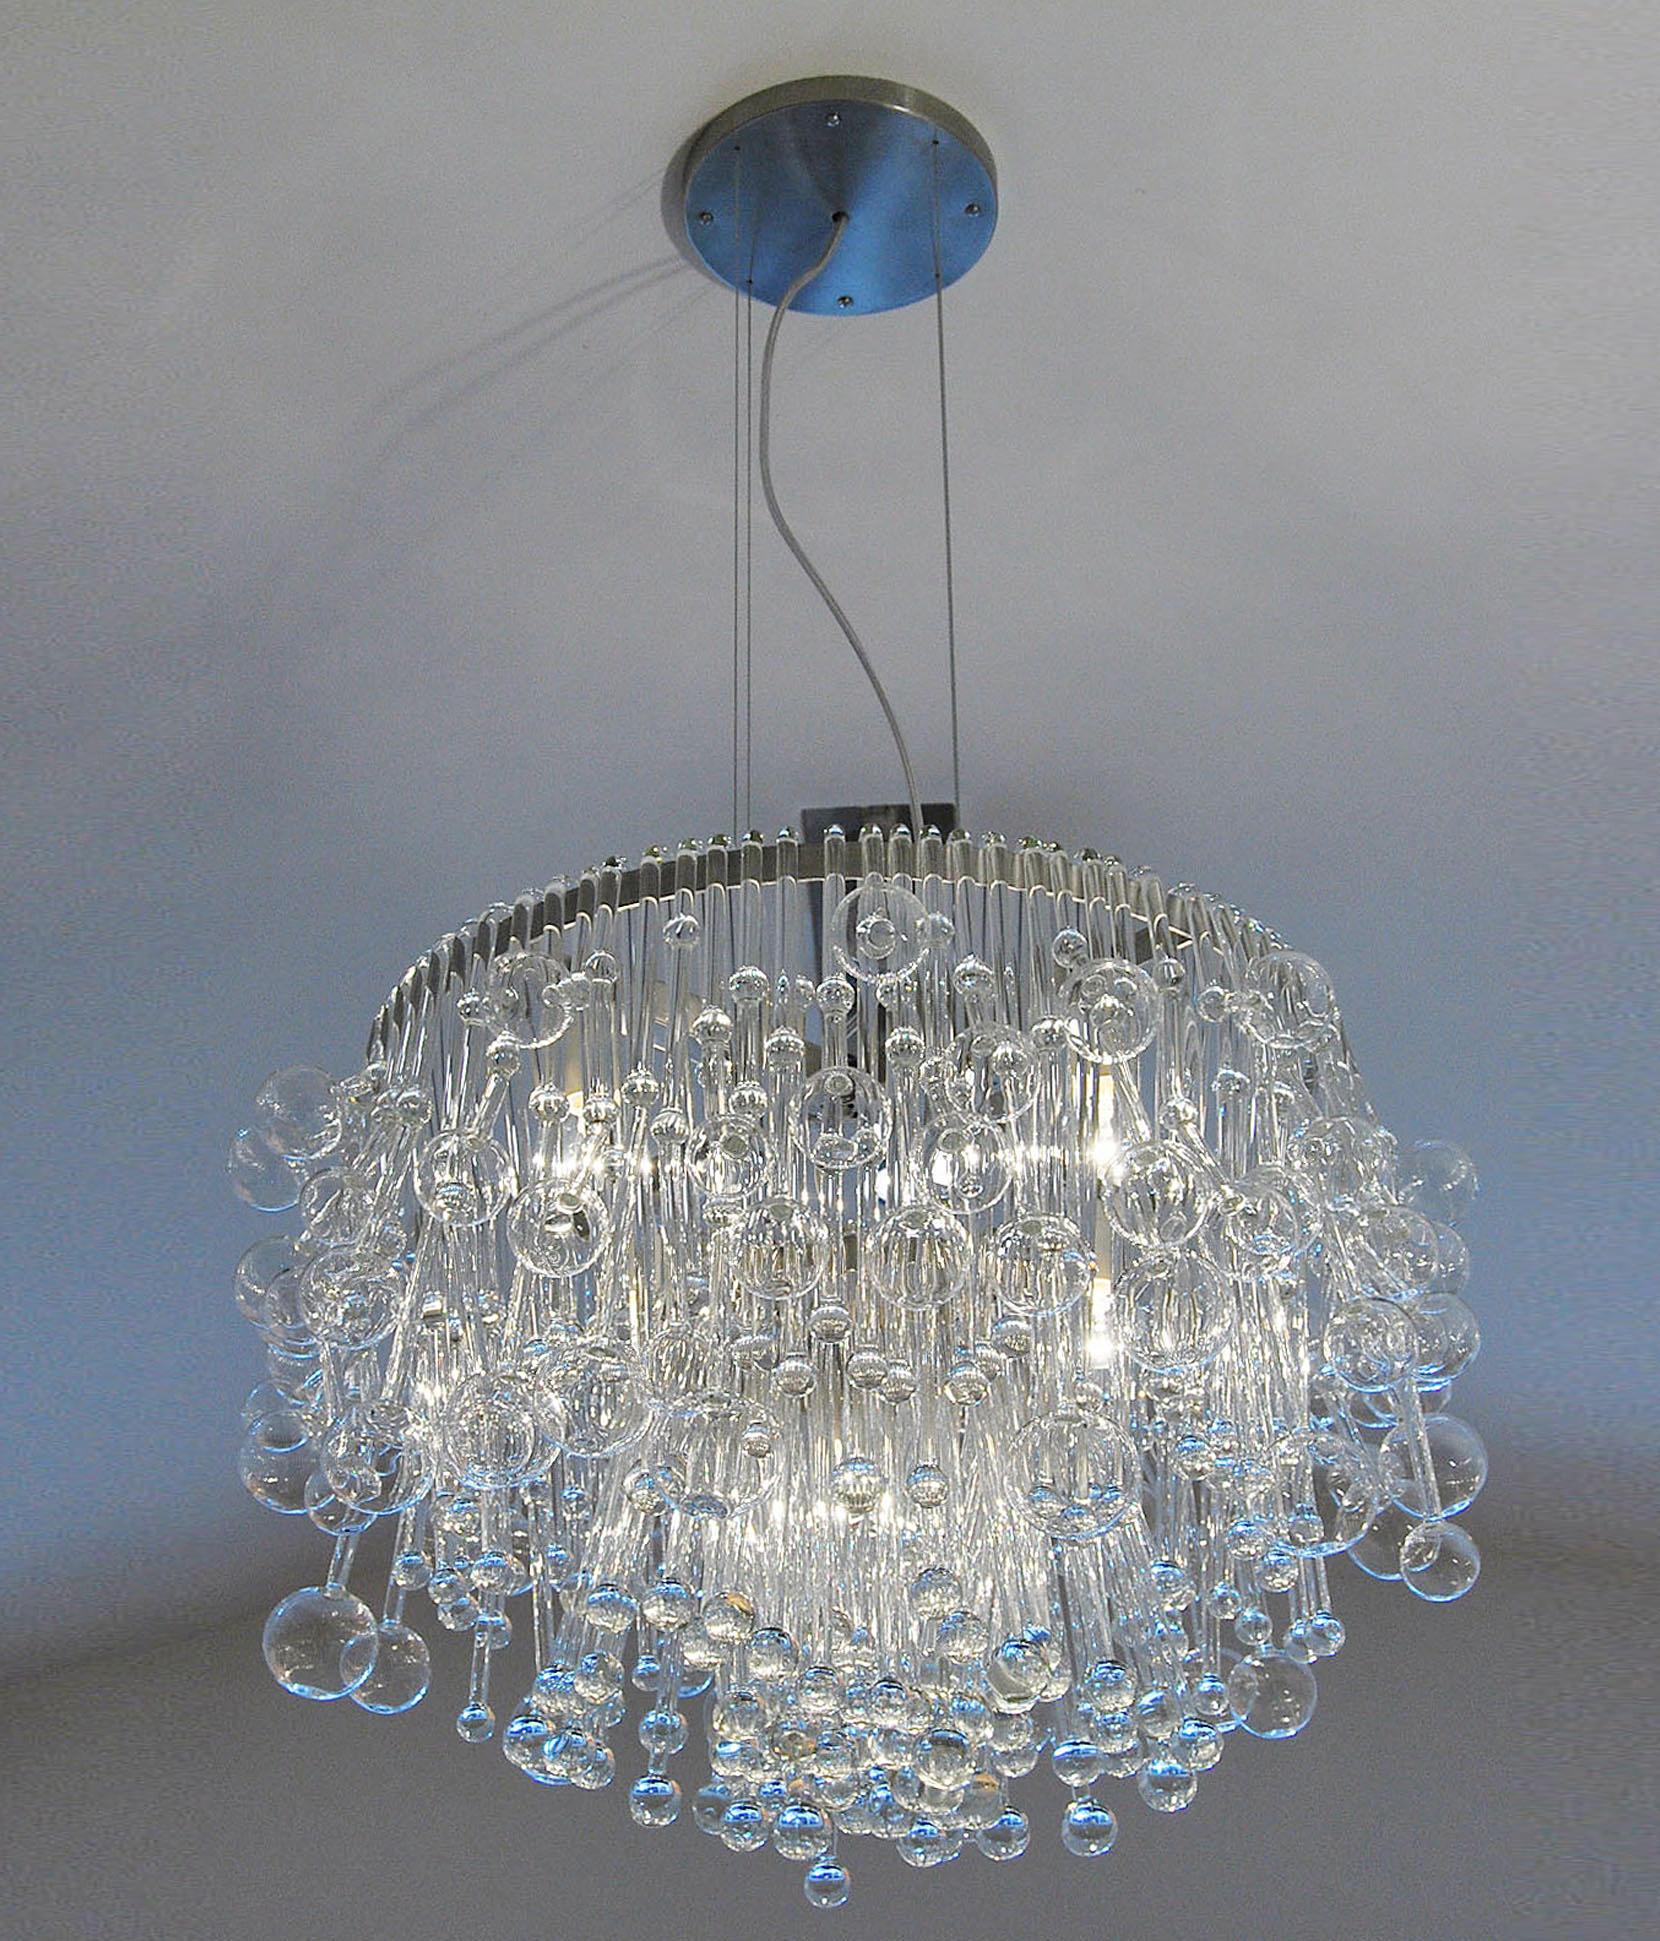 meikl pendelleuchten aus glas von isabel hamm architonic. Black Bedroom Furniture Sets. Home Design Ideas